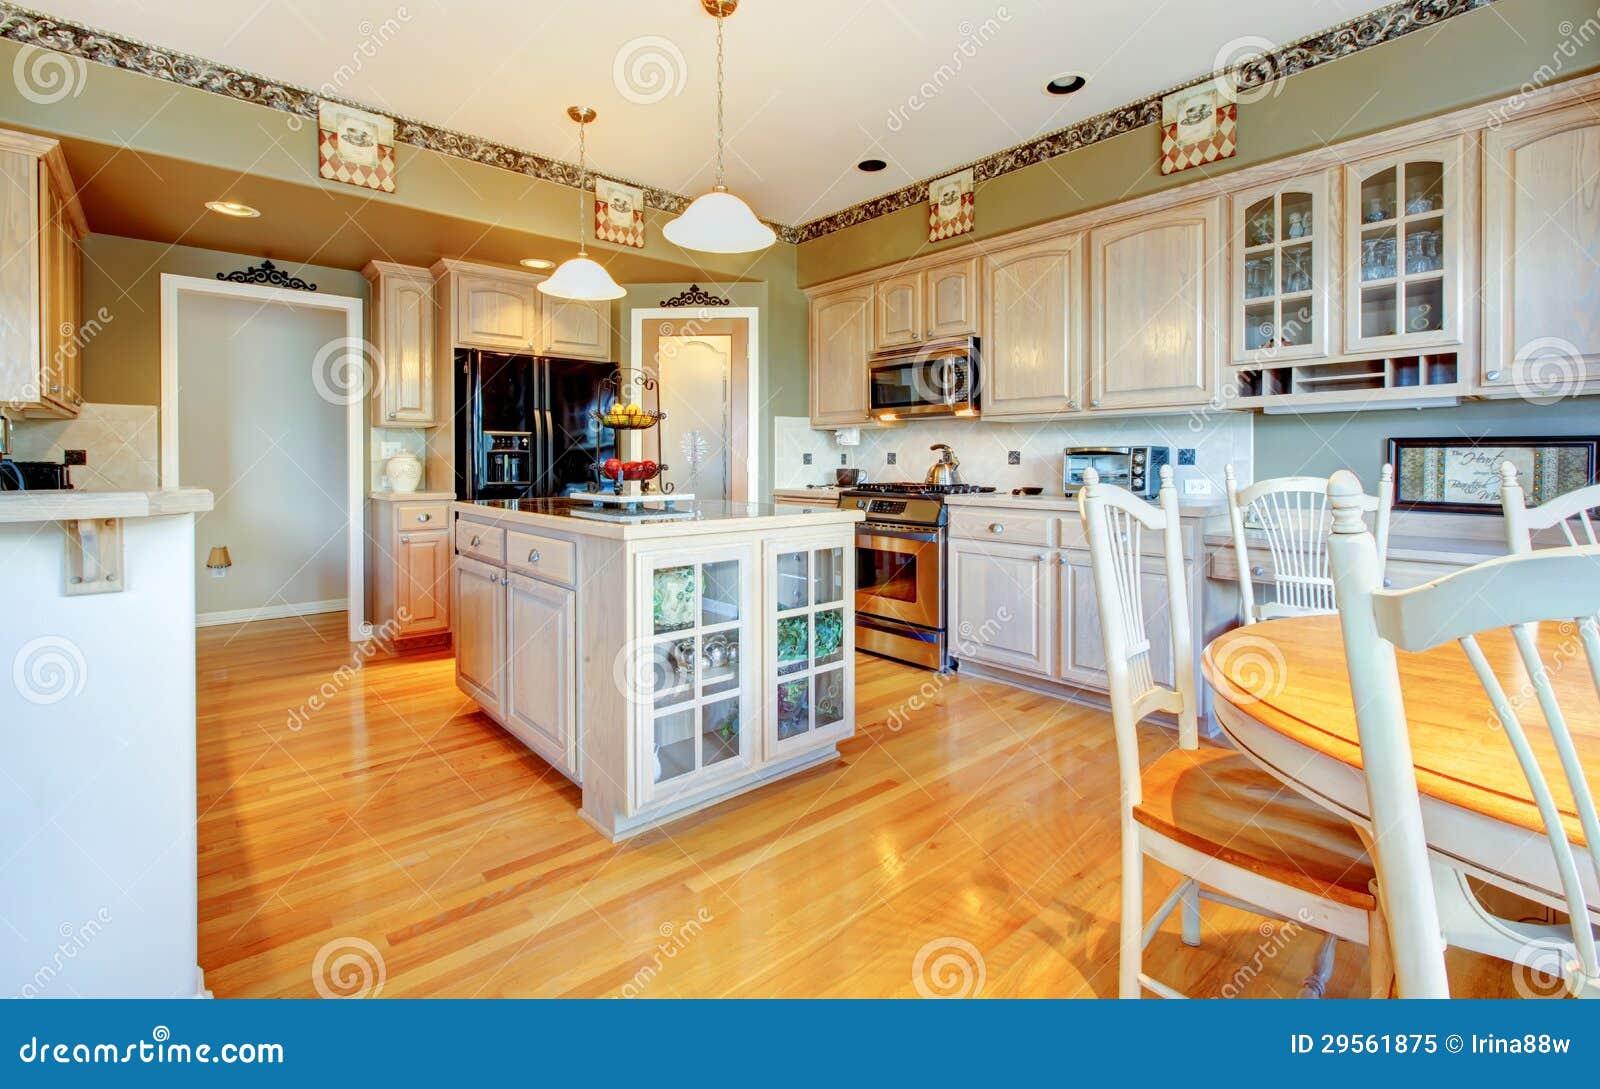 Cucina nera e verde : cucina a vista ristorante. cucina a legna ...